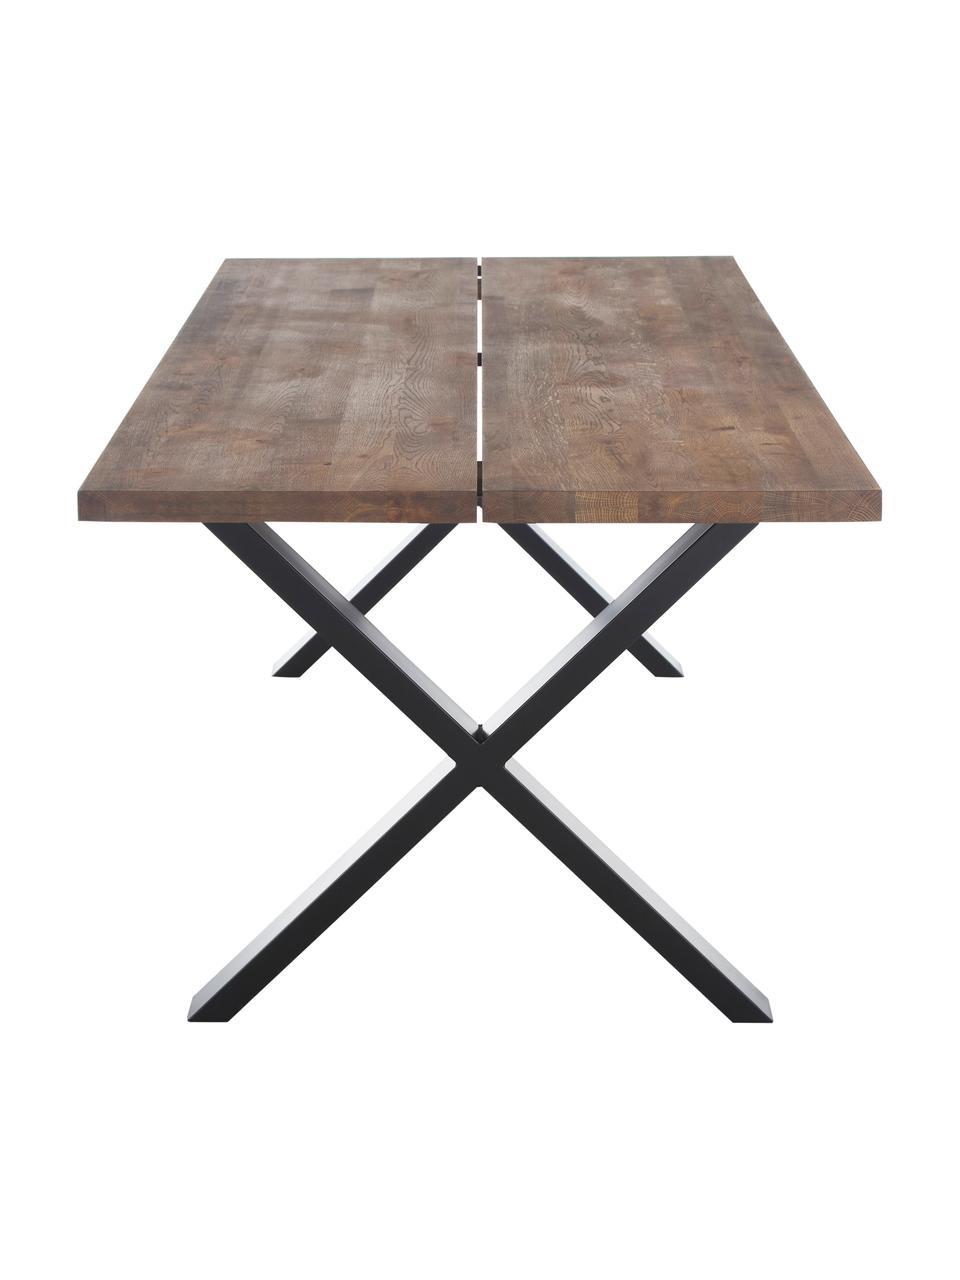 Tavolo con piano in legno massello Montpellier, Quercia affumicata, nero, Larg. 200 x Prof. 95 cm